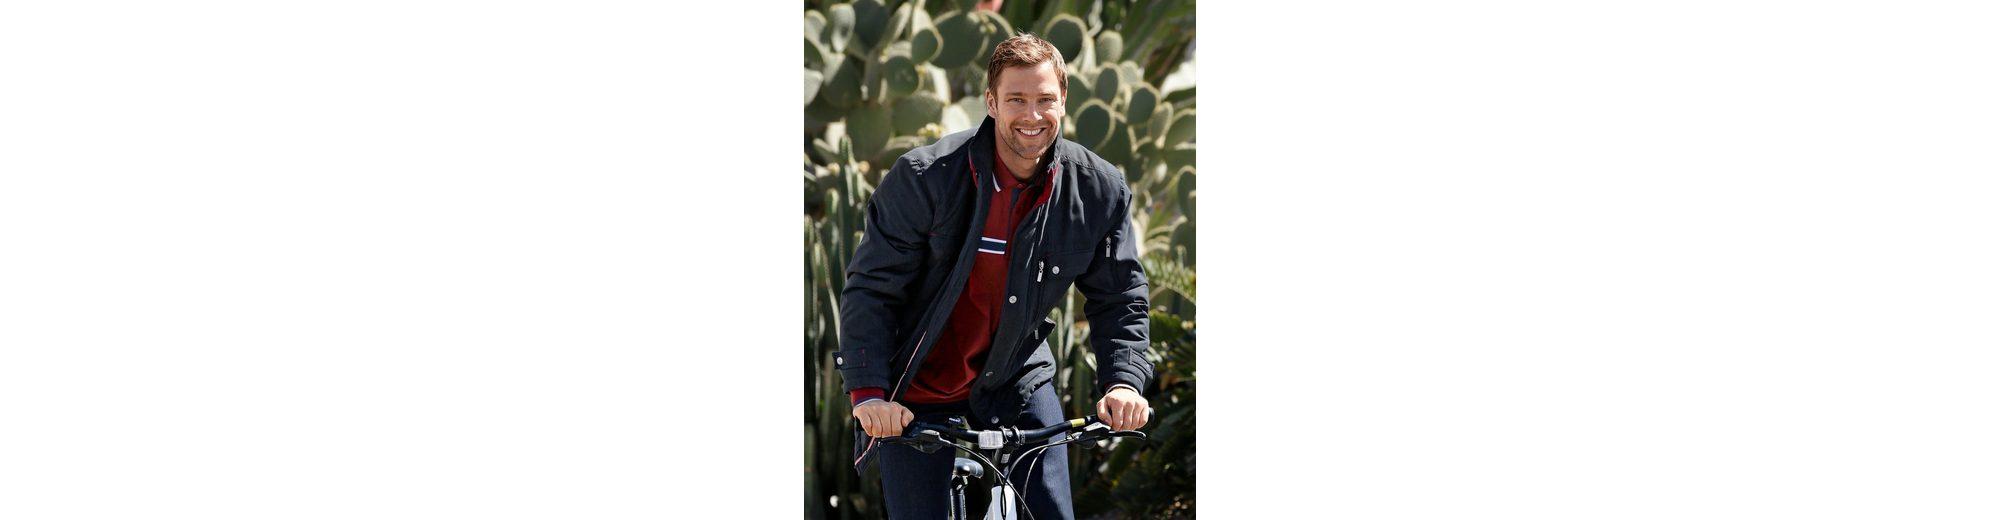 Für Schönen Günstigen Preis Men Plus by Happy Size Spezial-Bauchschnitt Jacke Neuesten Kollektionen Günstig Versandkosten Günstige Preise Zuverlässig cbJZrE